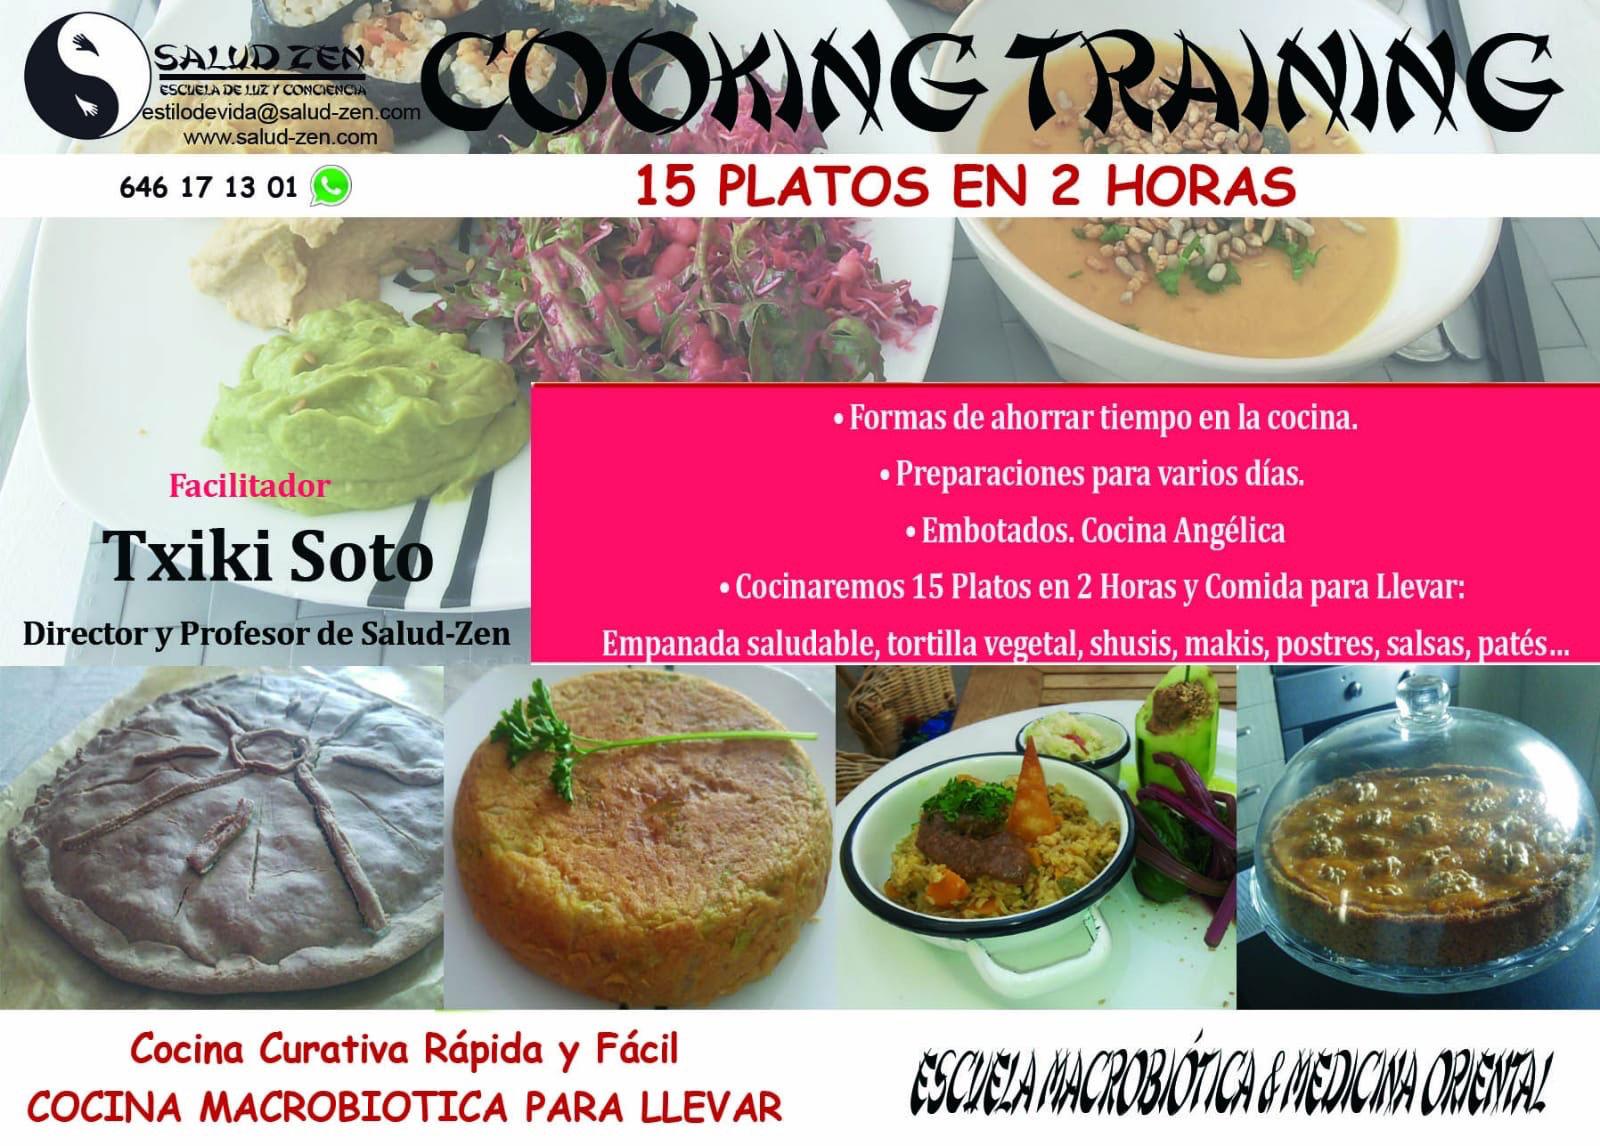 Cooking Training. 15 platos en 2 horas. Cocina, Rápida y Facil. Cocina Sana para llevar. Formas de ahorrar tiempo en la cocina. Embotados. Cocina Angélica. Preparados para varios dias.